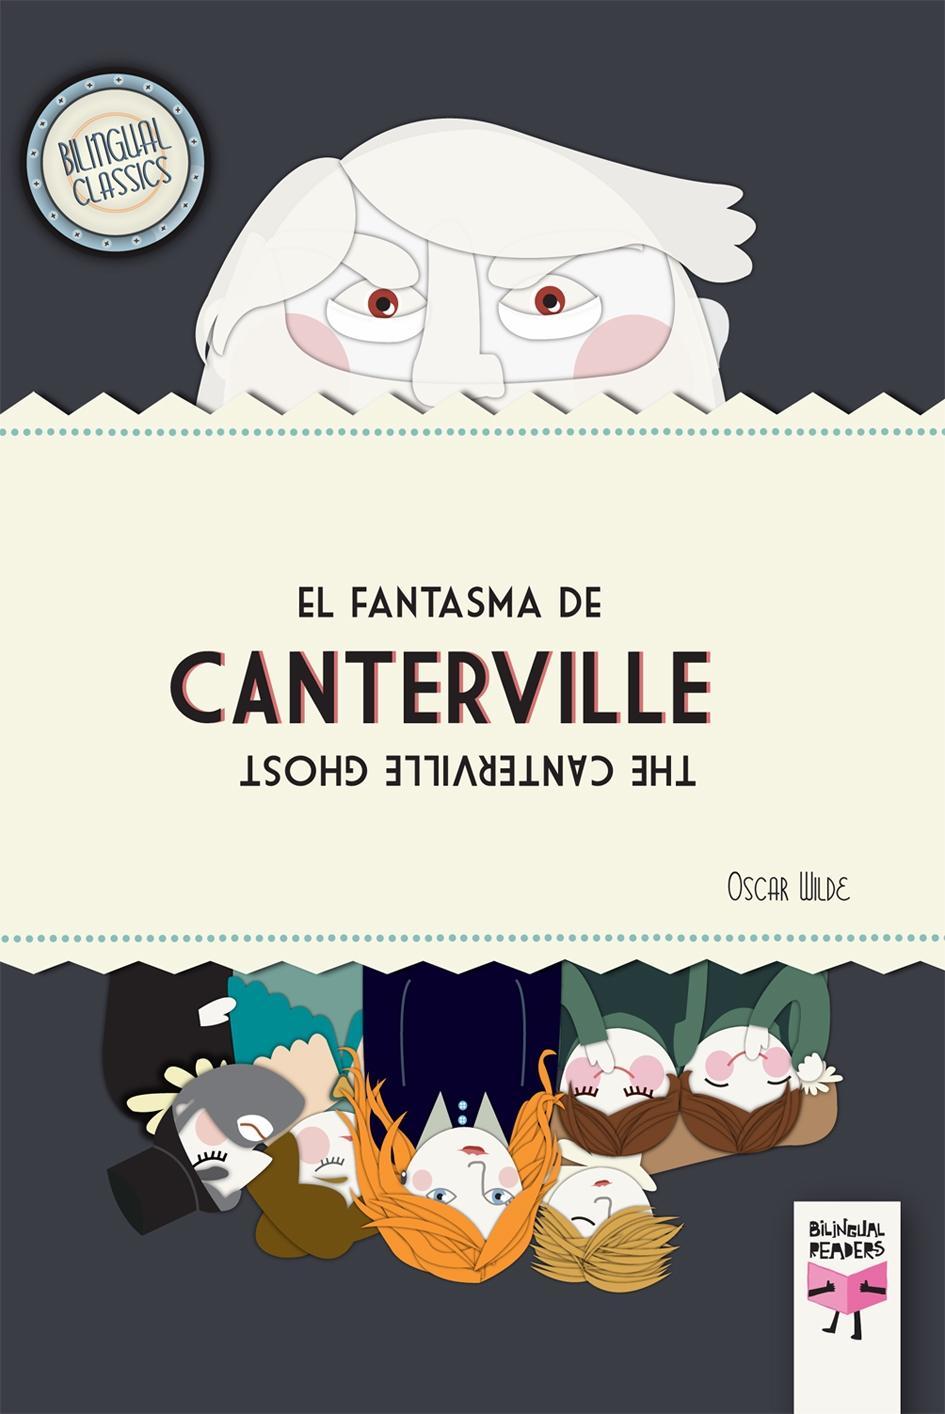 Naos Arquitectura Libros Fantasma De Canterville El